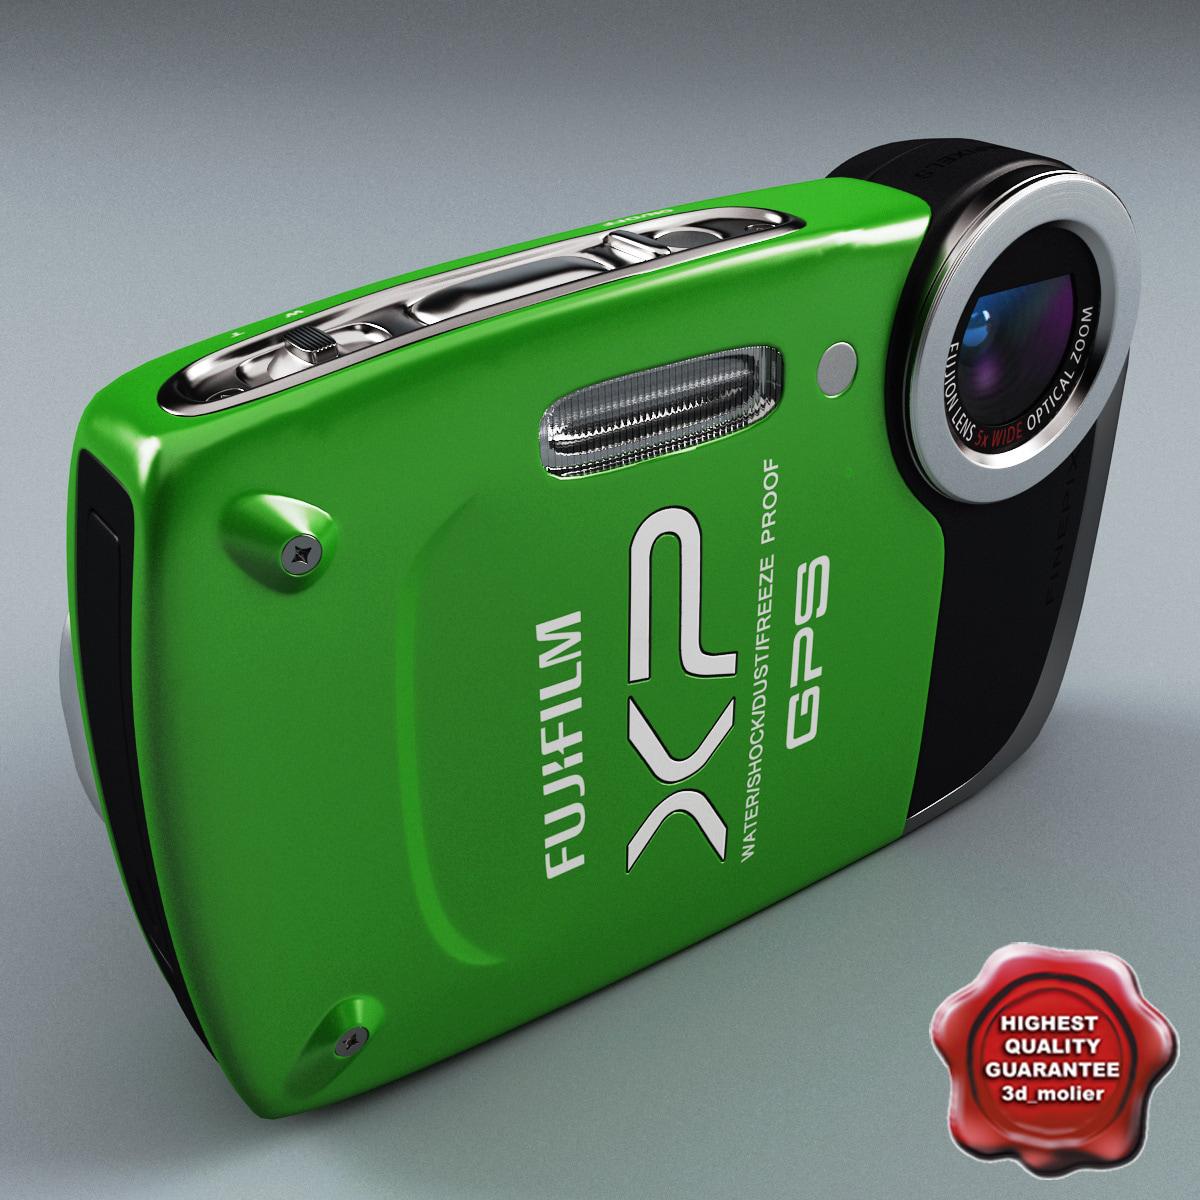 Fujifilm_FinePix_XP30_Green_00.jpg